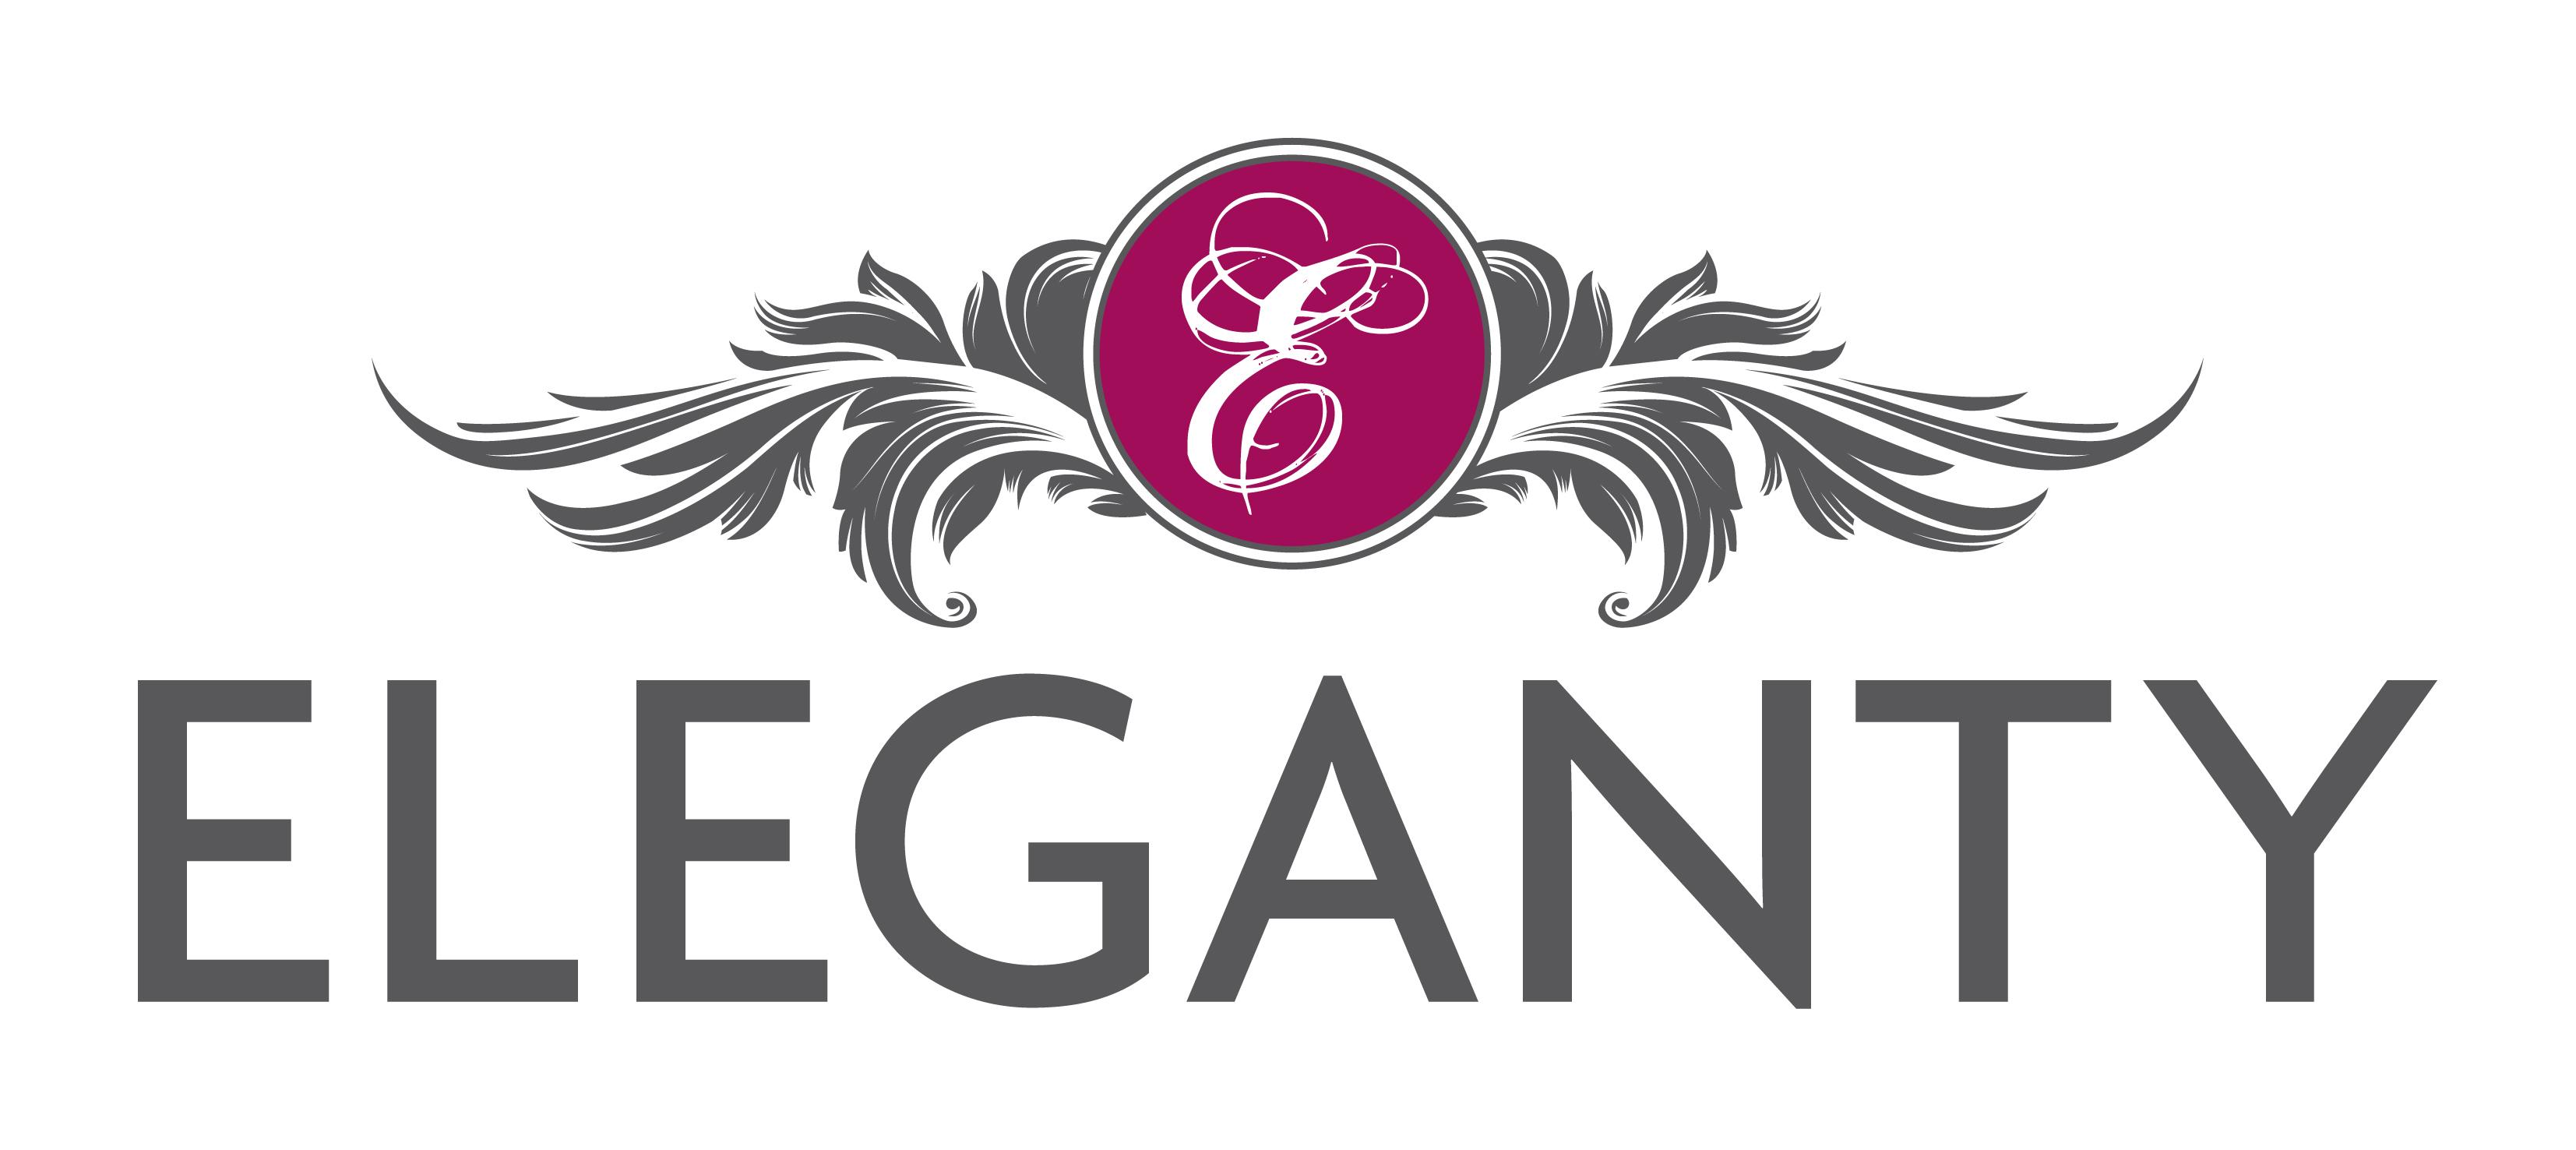 Eleganty – сайт об элегантности во всем